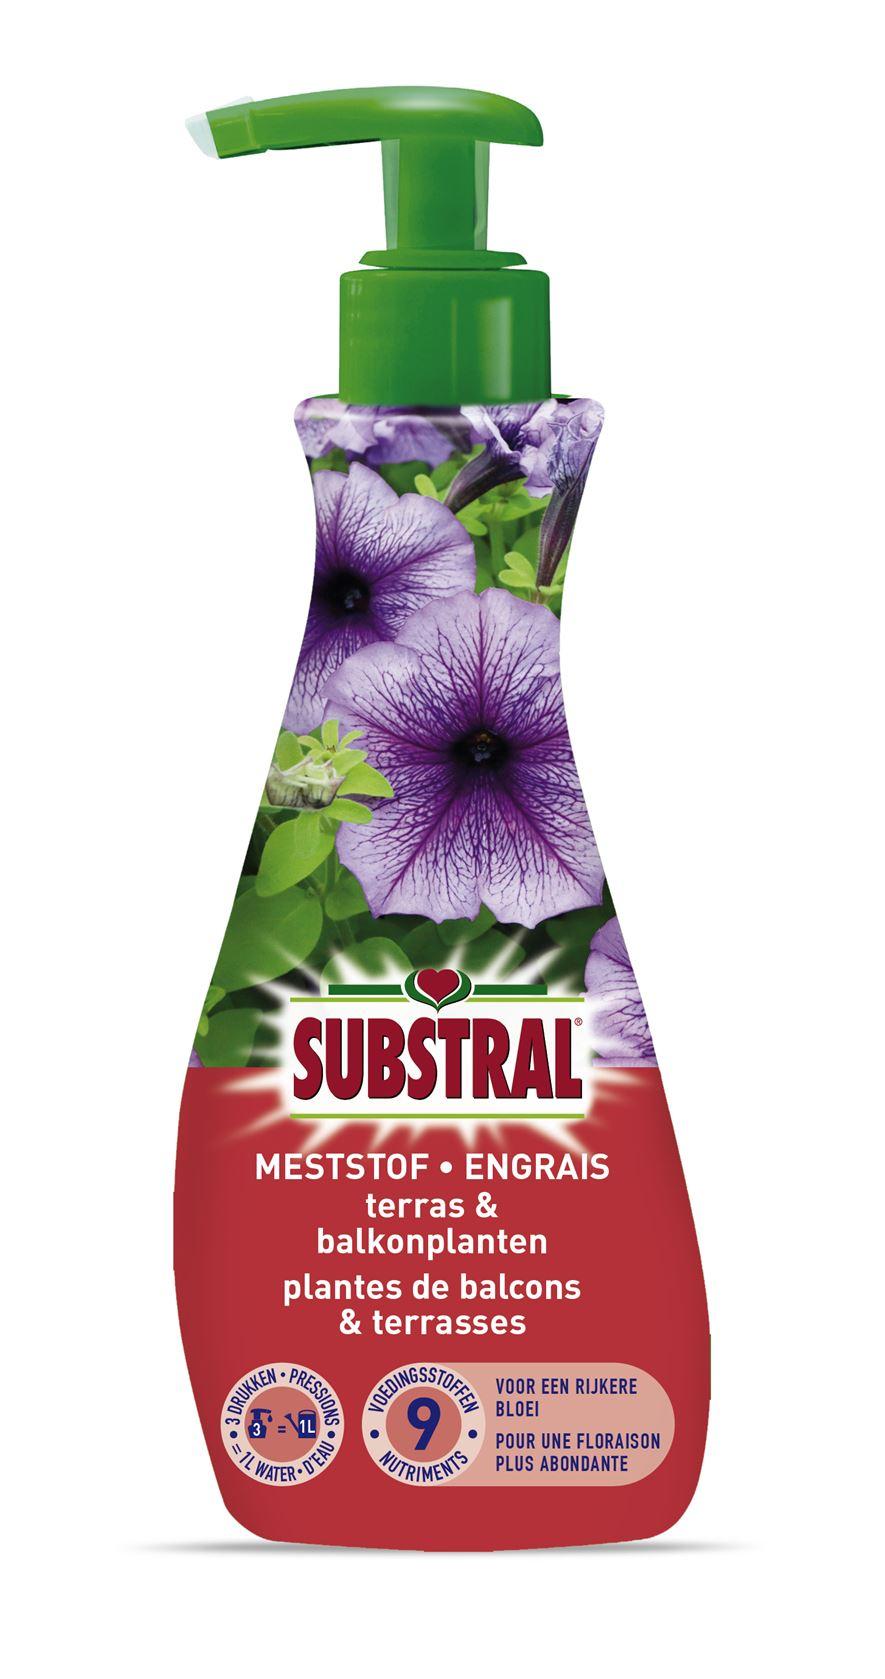 Substral-Meststof-Voor-Terras-En-Balkonplanten-Pump-spray-230ml